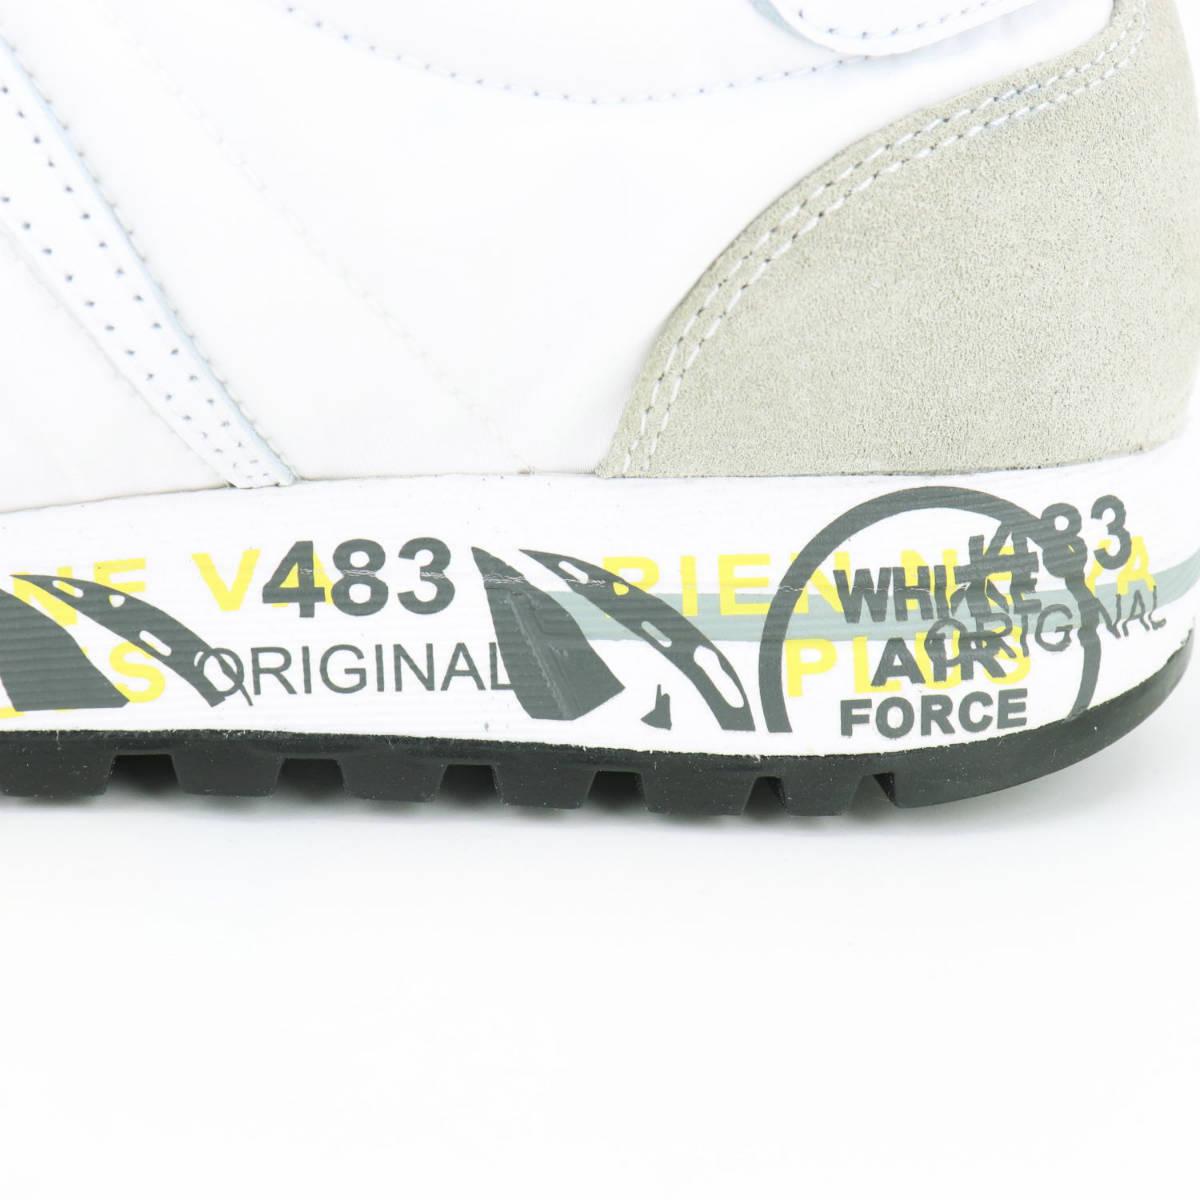 プレミアータホワイト PREMIATA WHITE メンズ スエード ナイロン ローカットスニーカー LUCY 206EA(ホワイト)秋冬新作